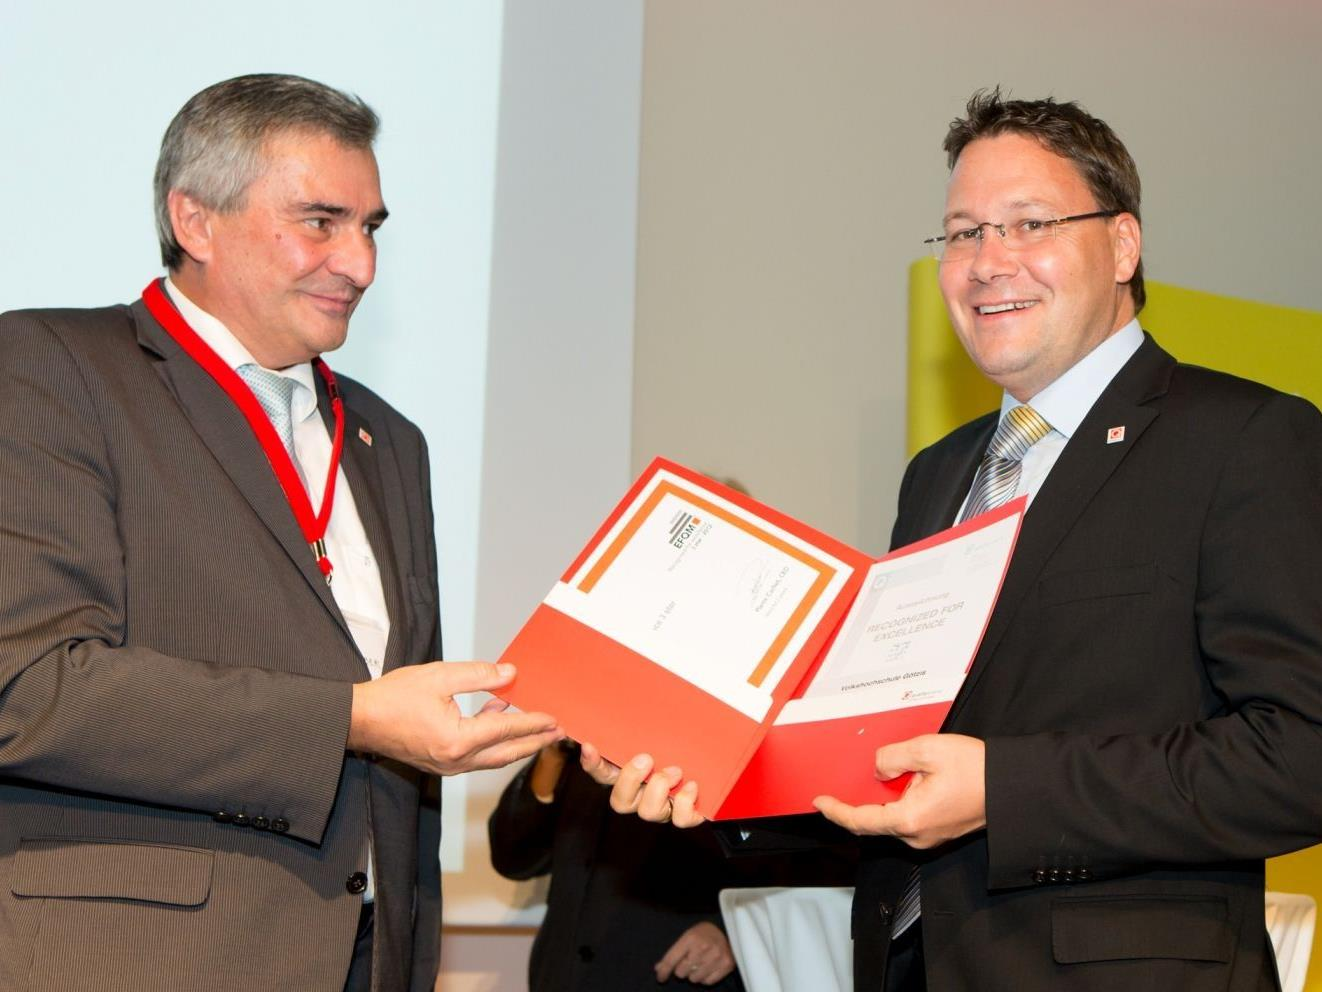 VHS Geschäftsführer Mag. Stefan Fischnaller nimmt von Vertretern der Quality Austria die Auszeichnung entgegen.